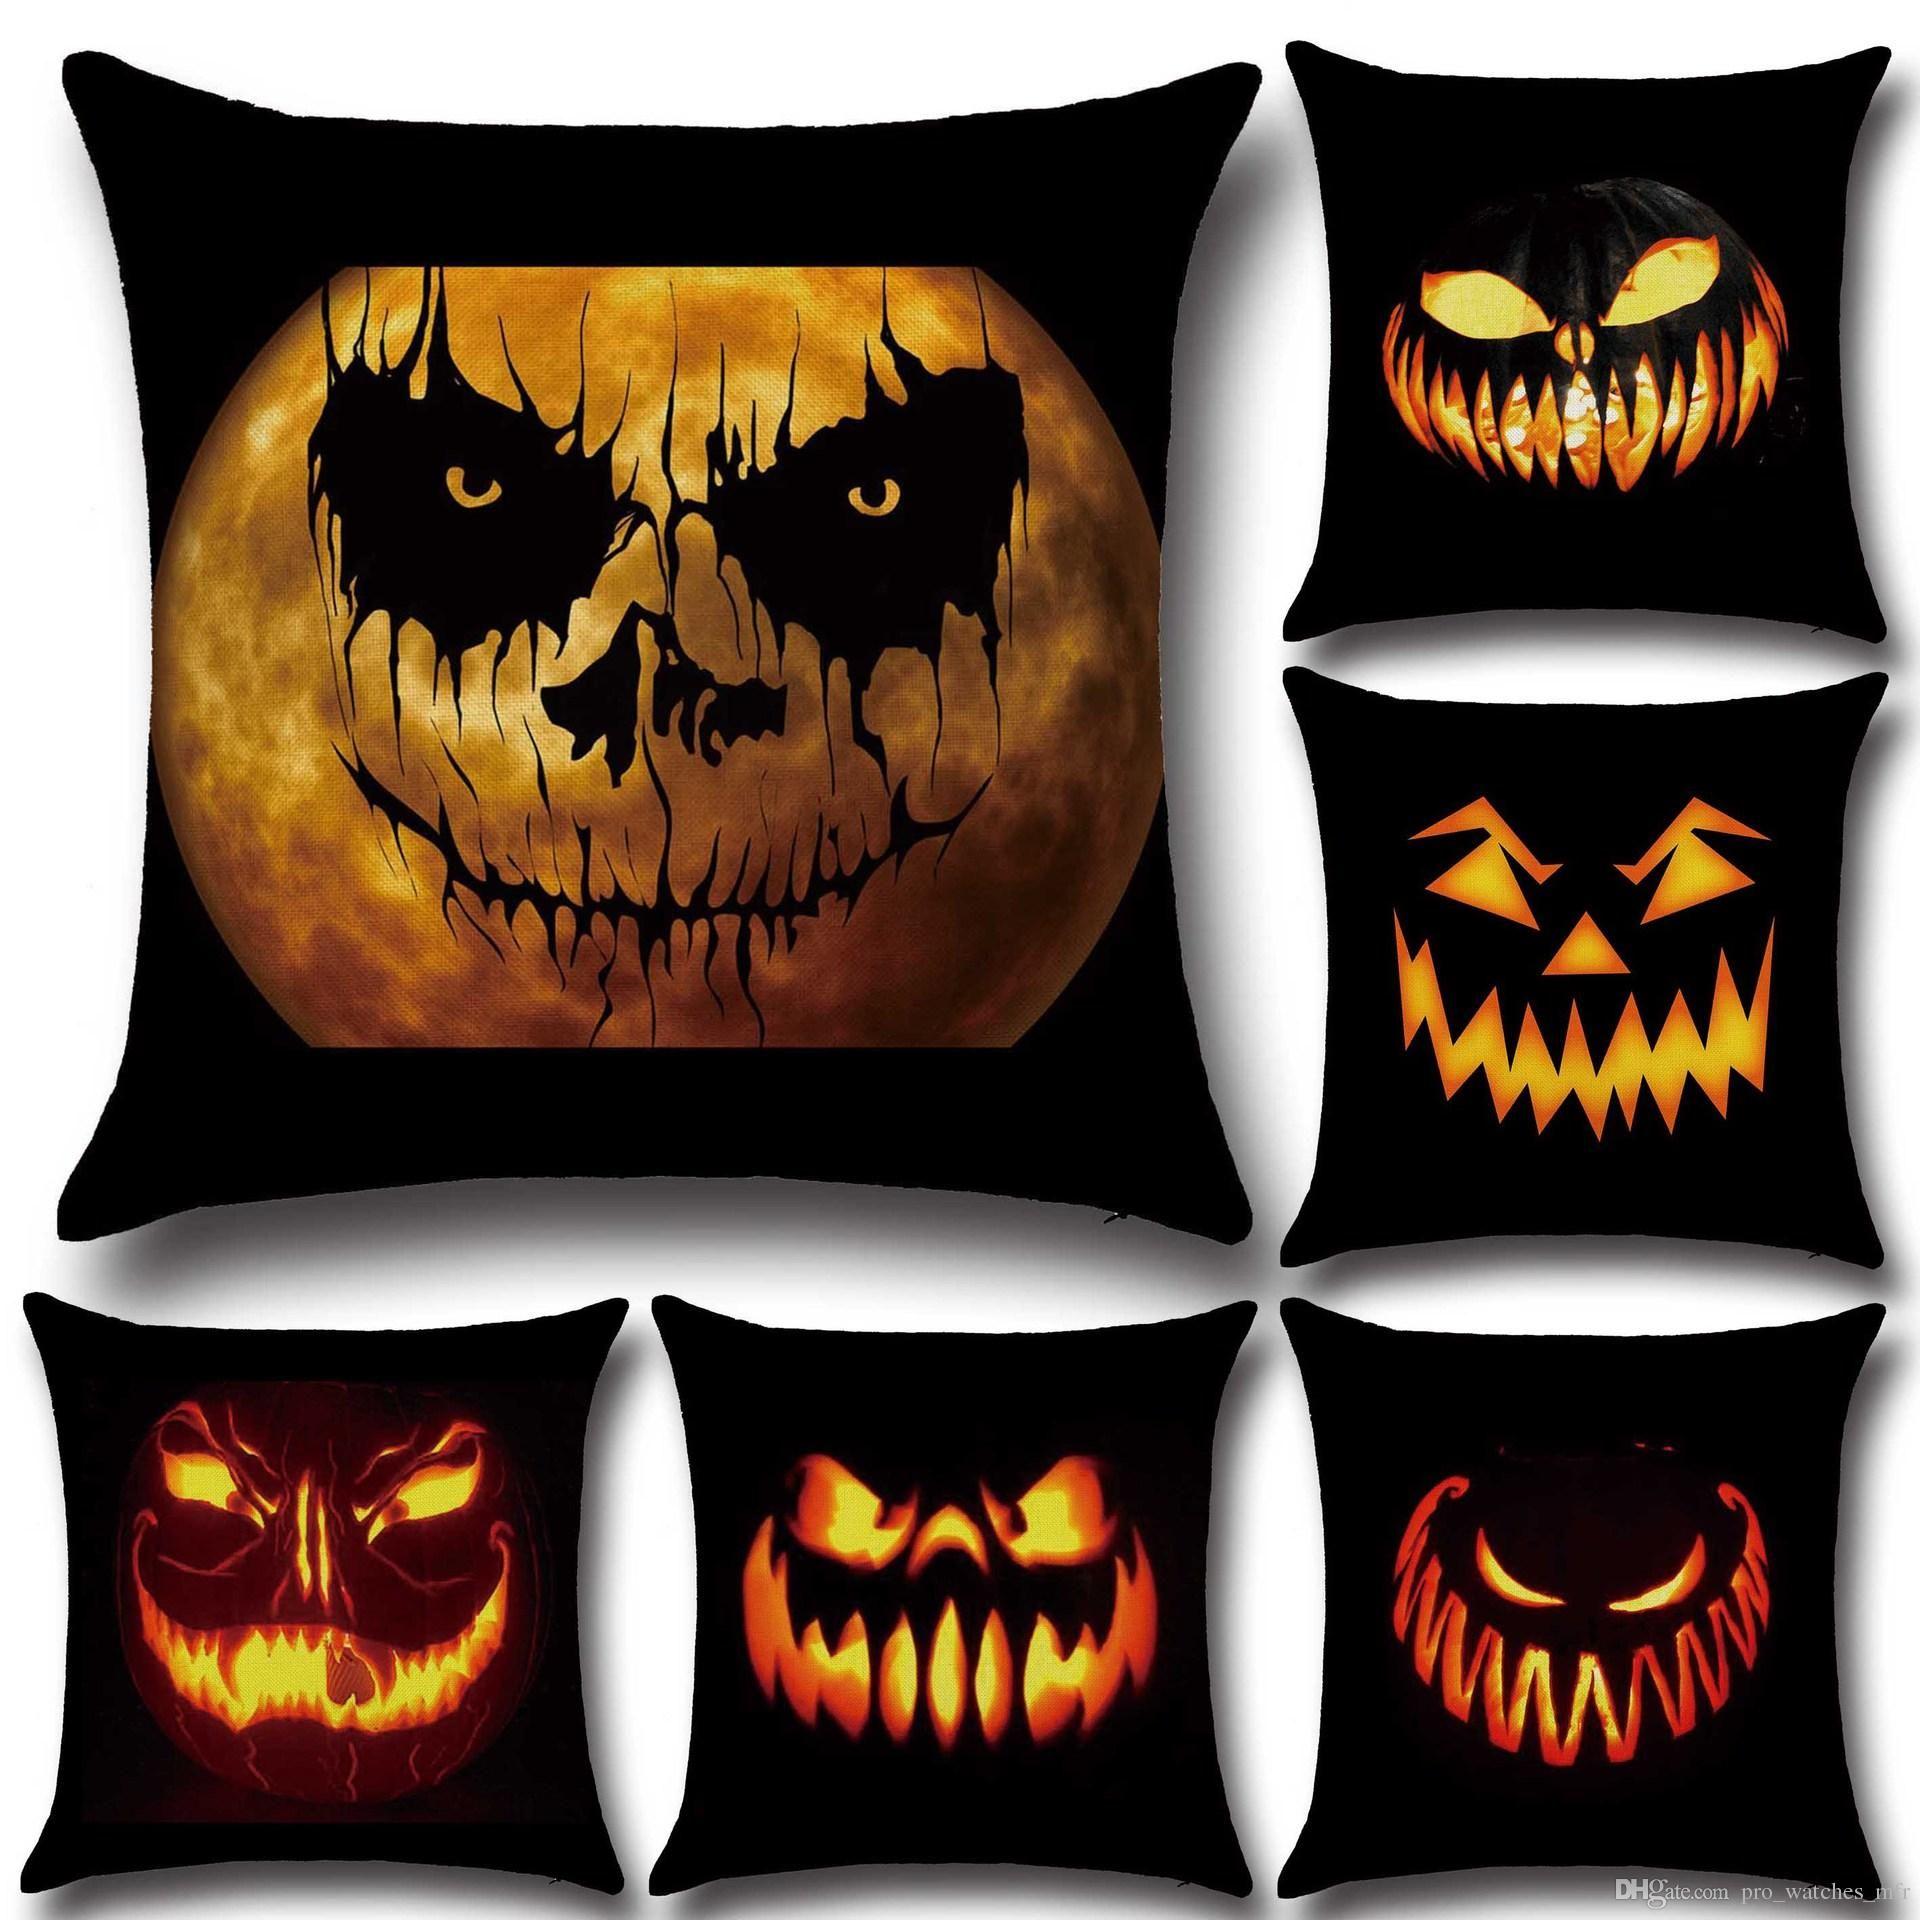 Горячие продажи 48 стилей творческий Хэллоуин наволочки PP стрейч хлопок диван чехлы автомобиль наволочка 45*45 см F818-1